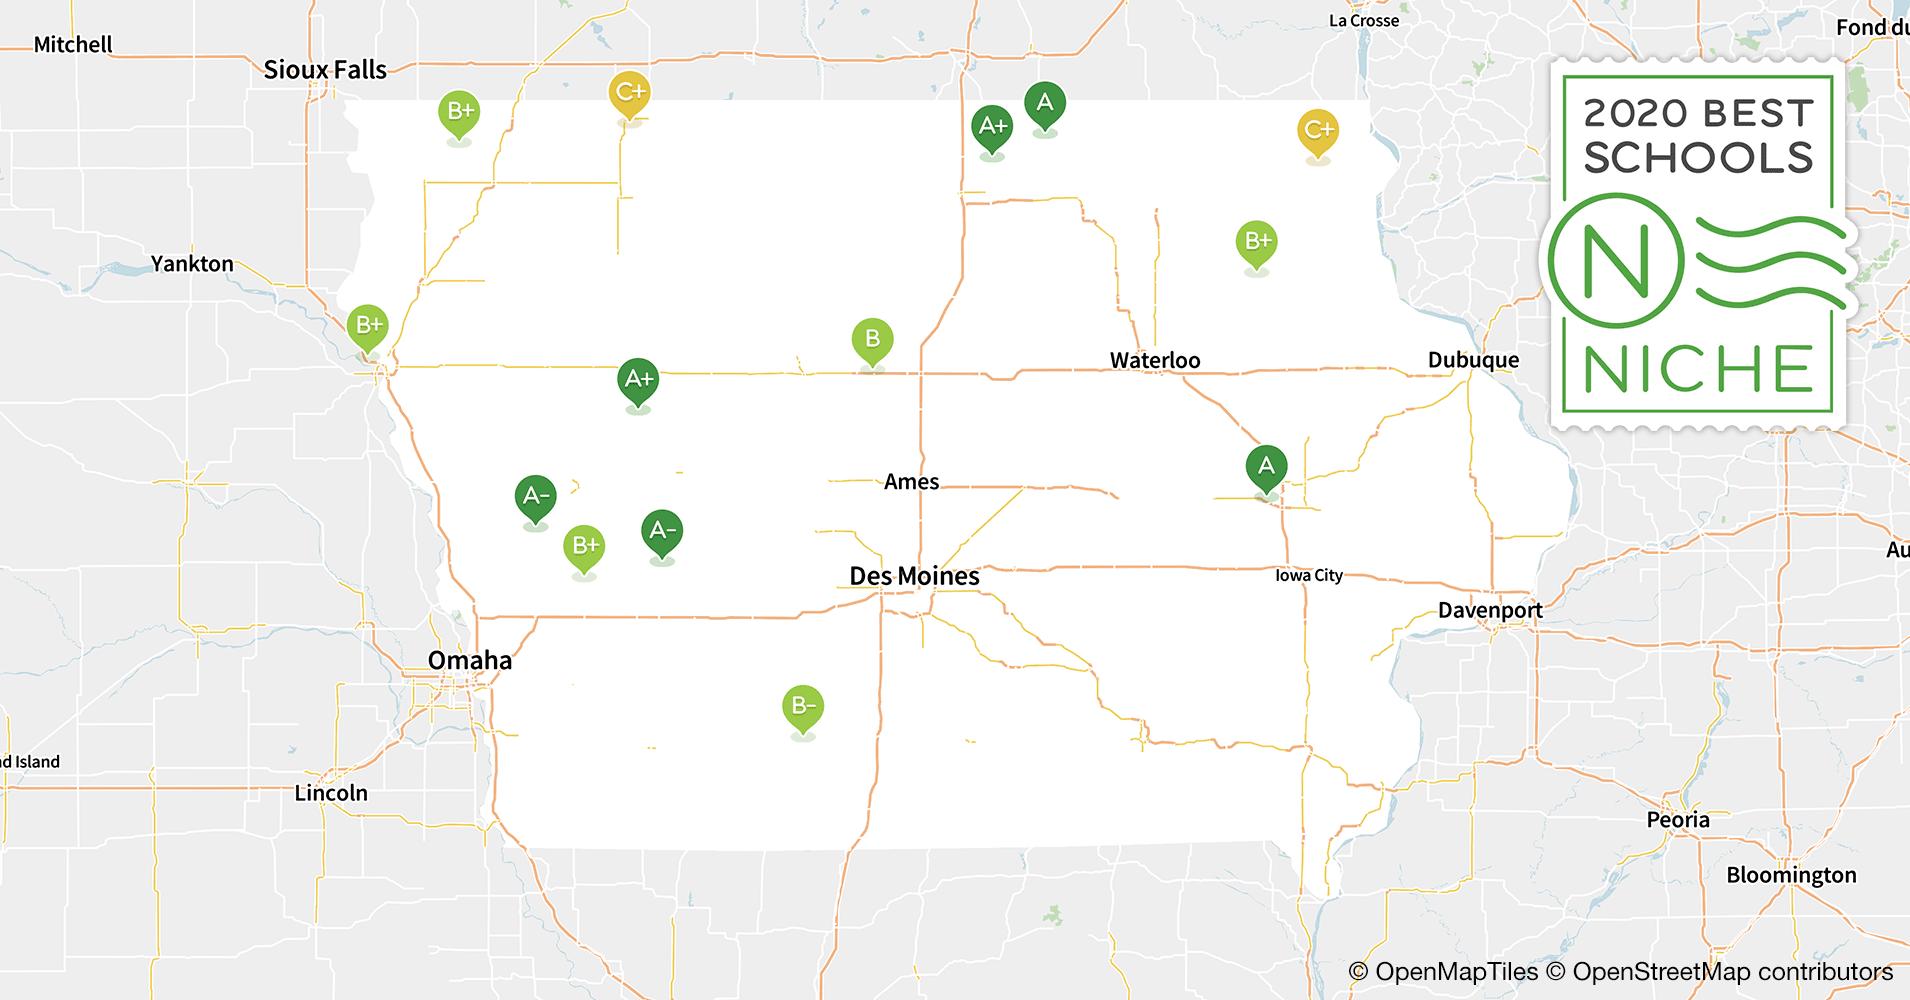 2020 Best School Districts in Iowa - Niche